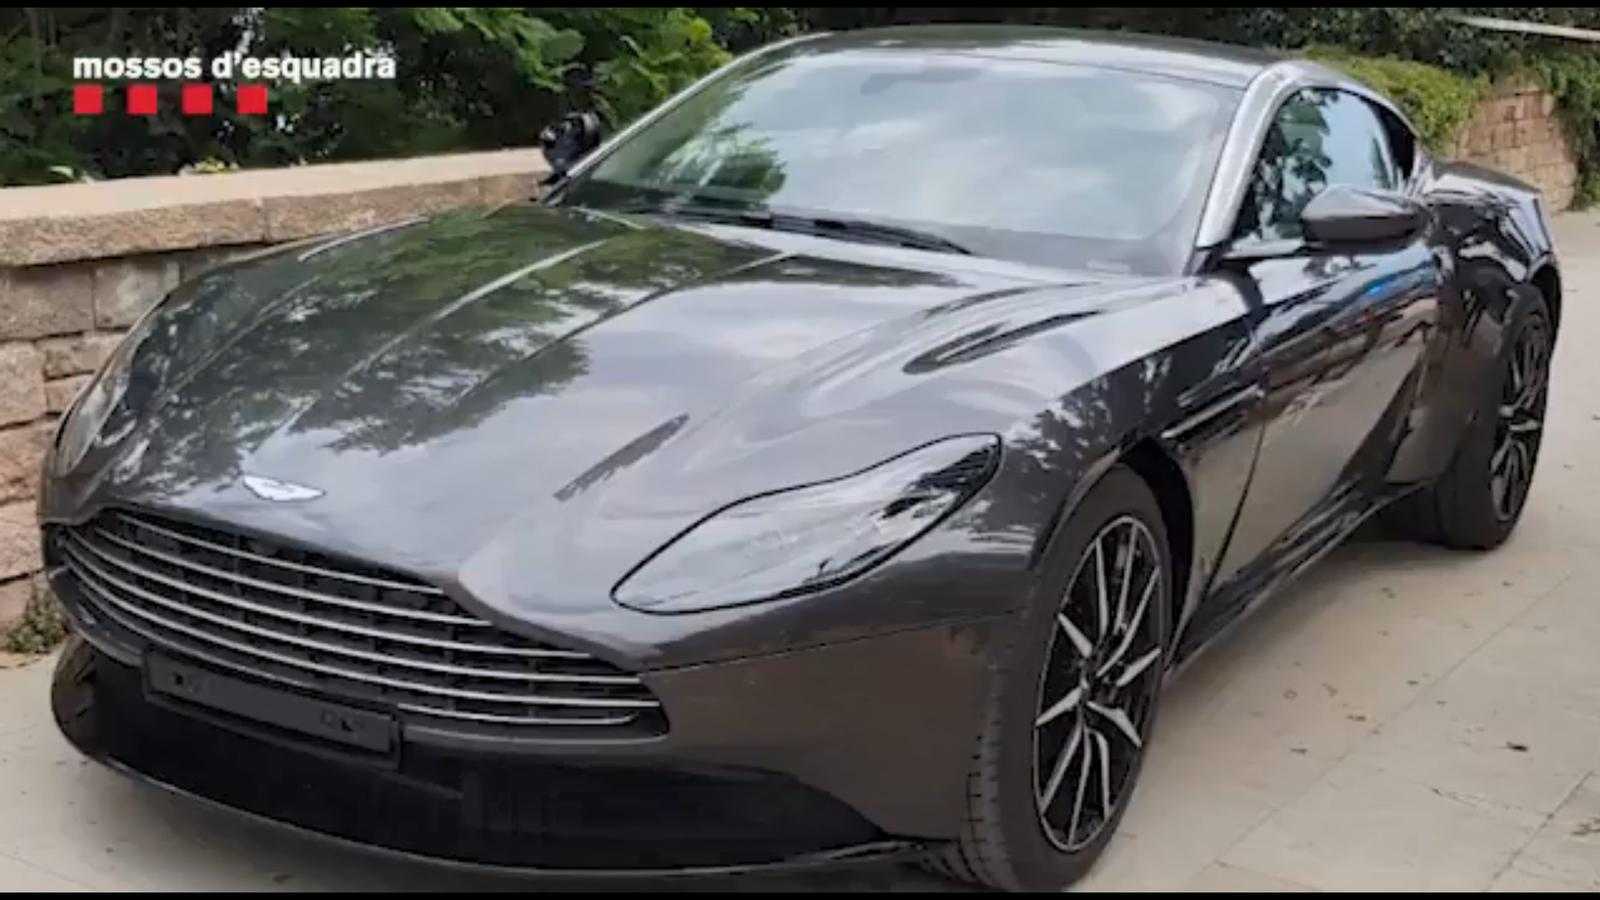 L'Aston Martin que el lladre ha robat d'un concessionari de vehicles de gamma alta